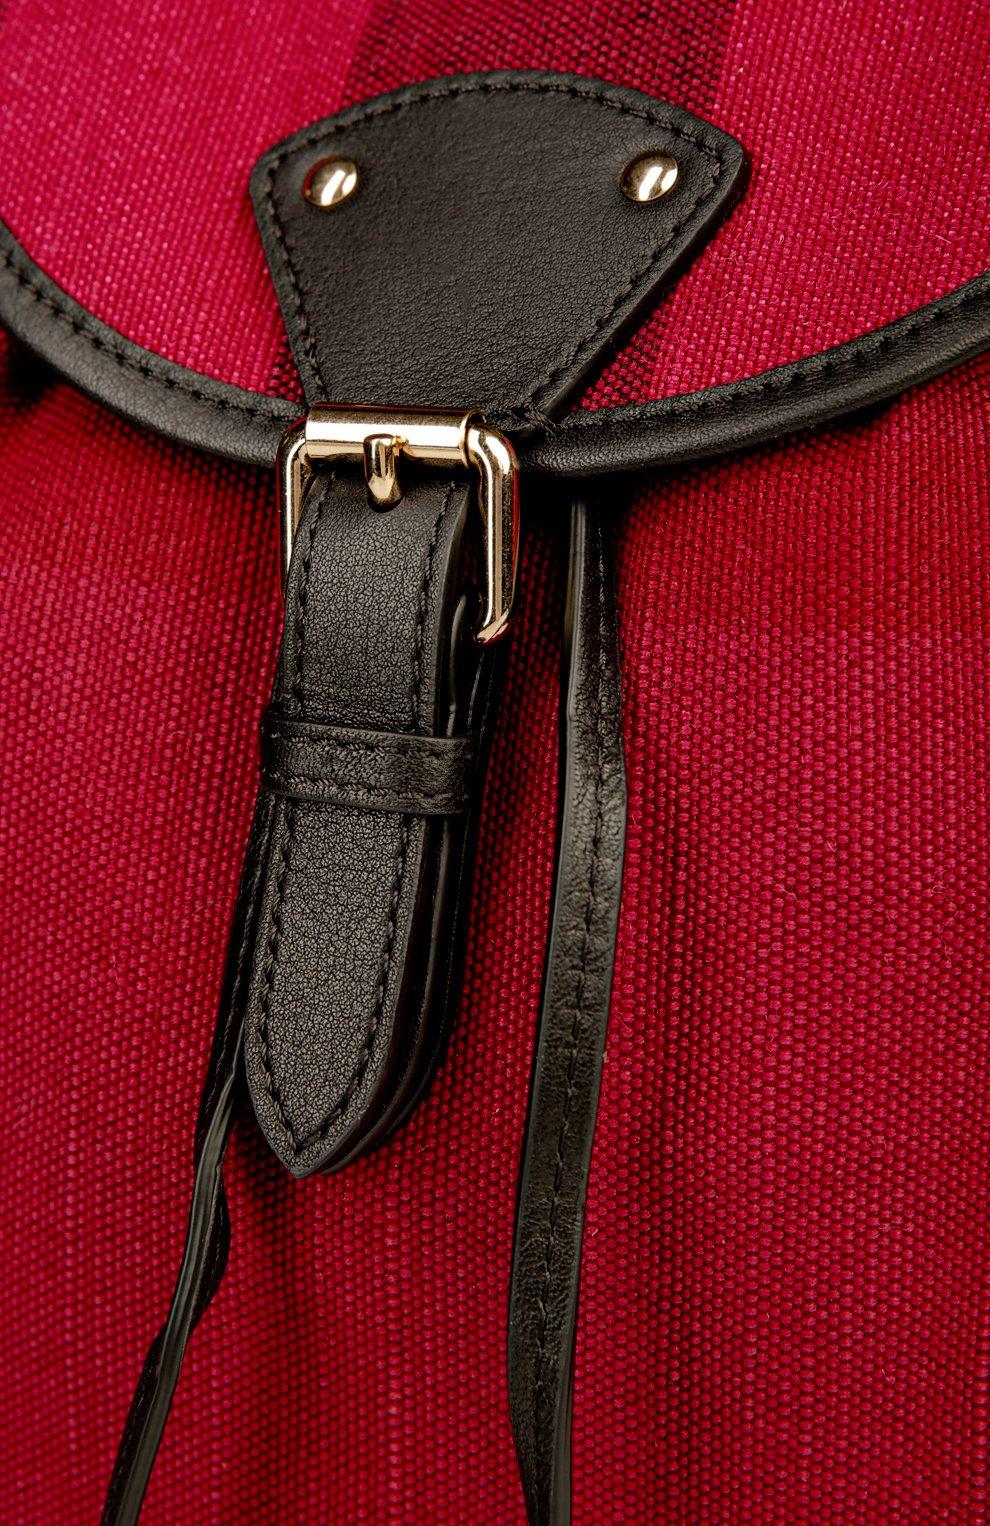 Рюкзак из текстиля в клетку с кожаной отделкой | Фото №6